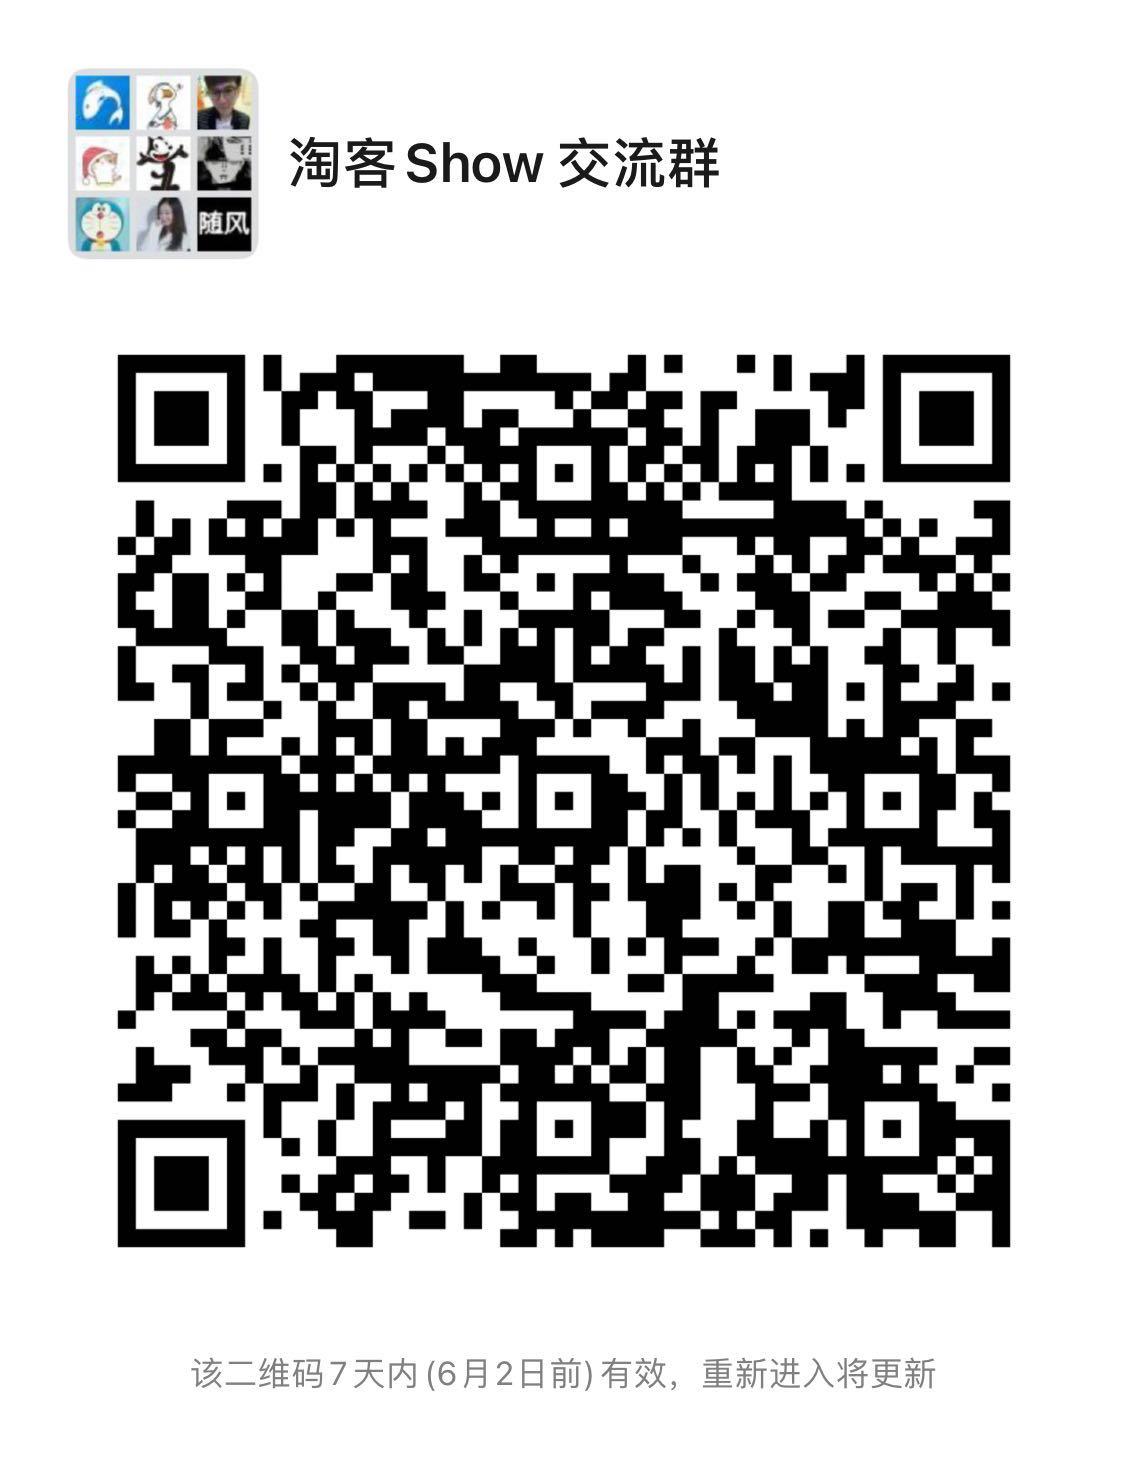 淘客Show网站微信交流群上线!